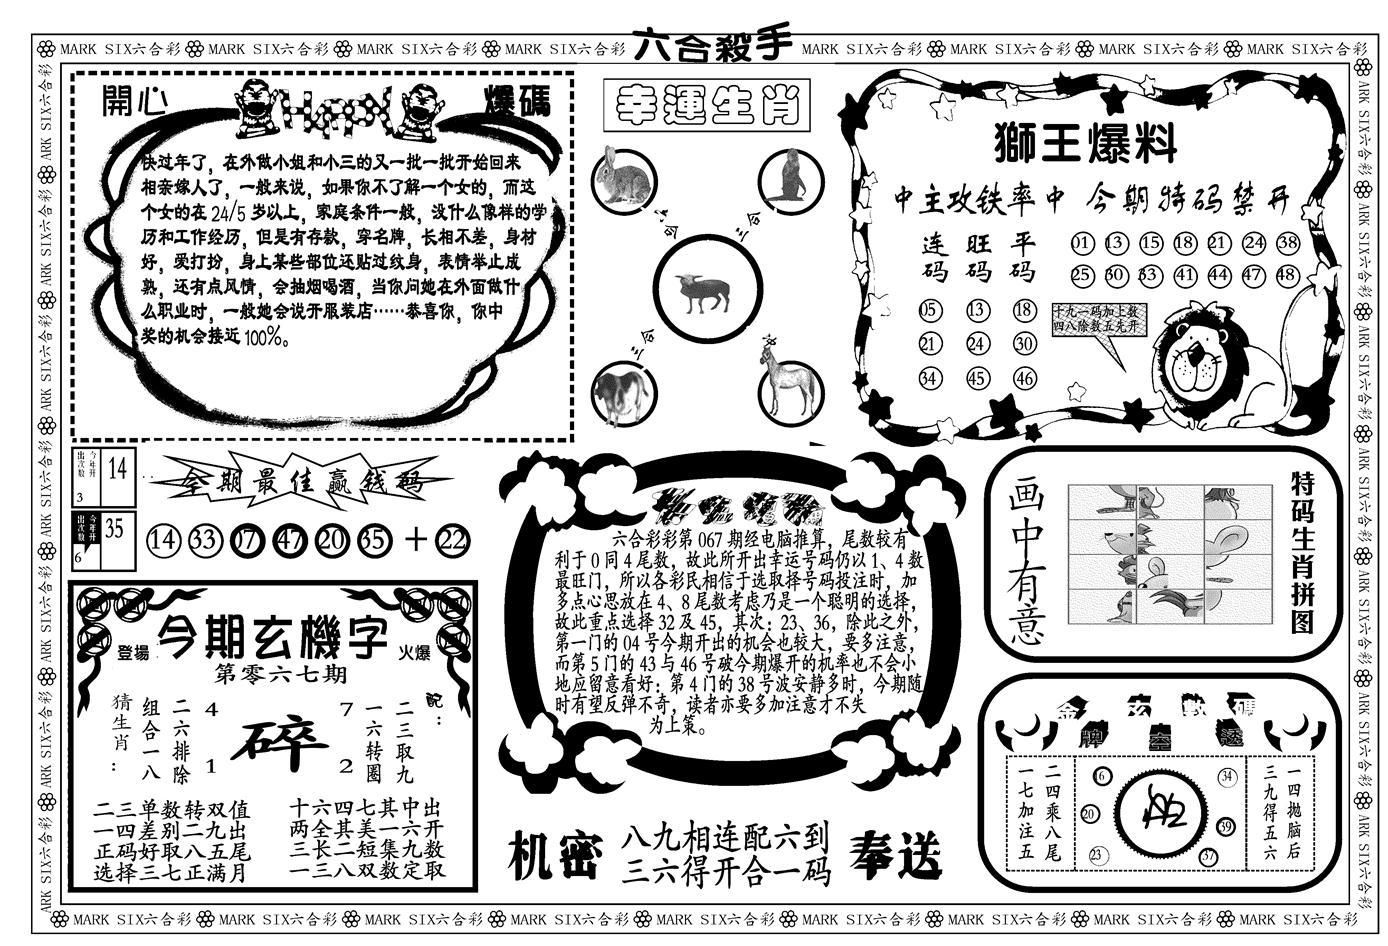 067期新六合杀手B(黑白)